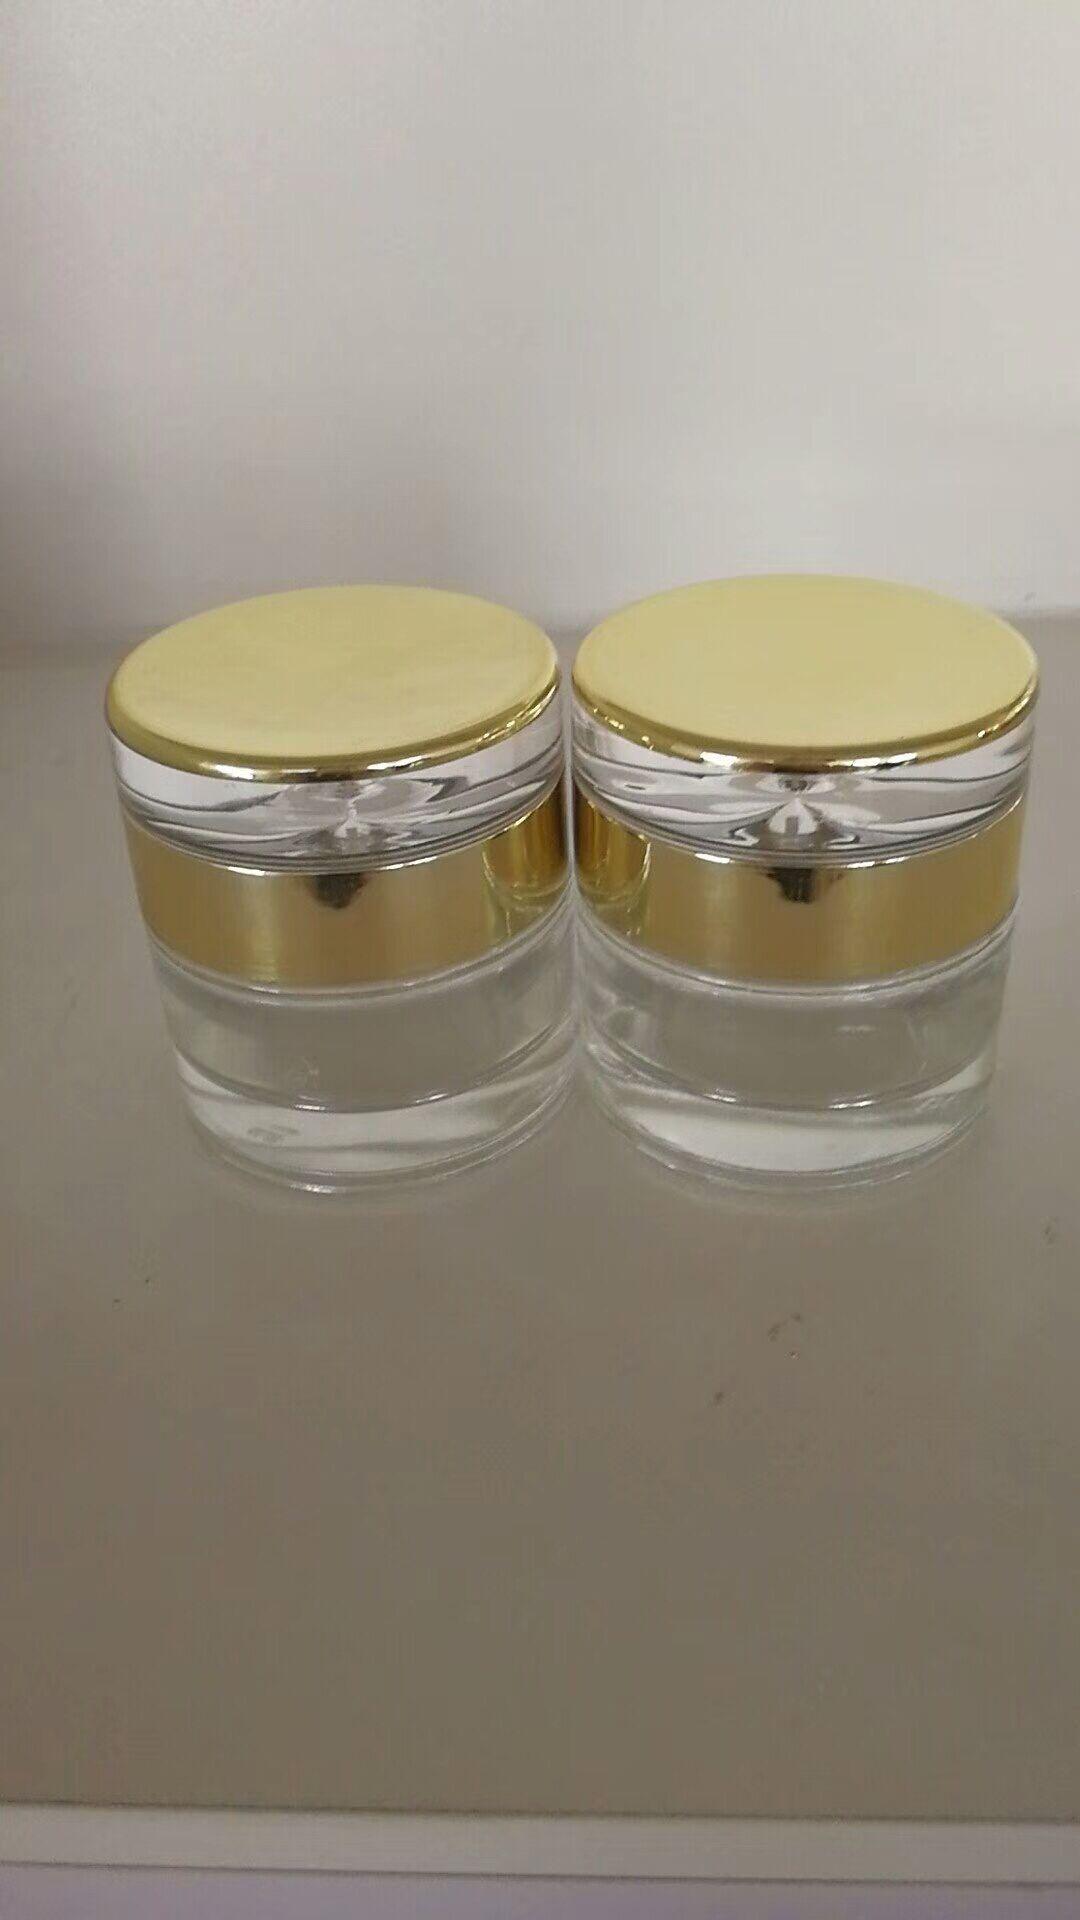 化妆品瓶生产厂家  护肤品包装瓶  护肤品套装瓶